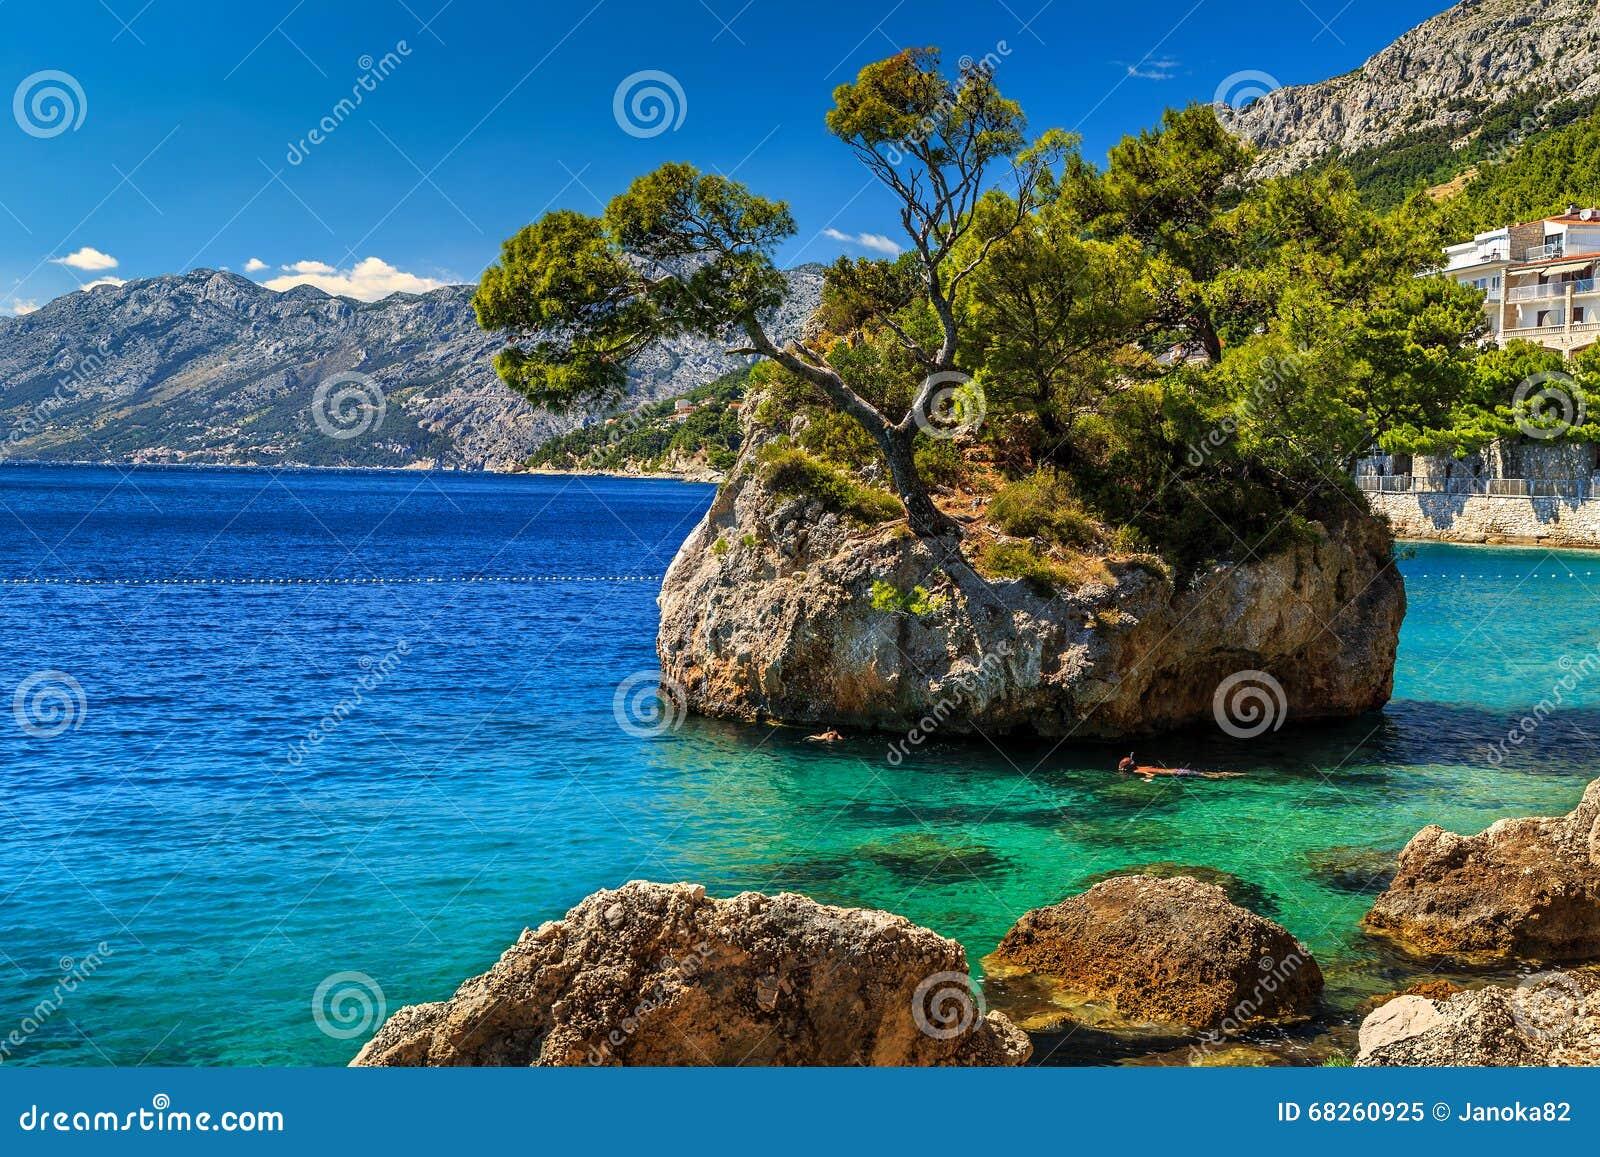 美丽的岩石海岛, Brela,马卡尔斯卡里维埃拉,达尔马提亚,克罗地亚,欧洲